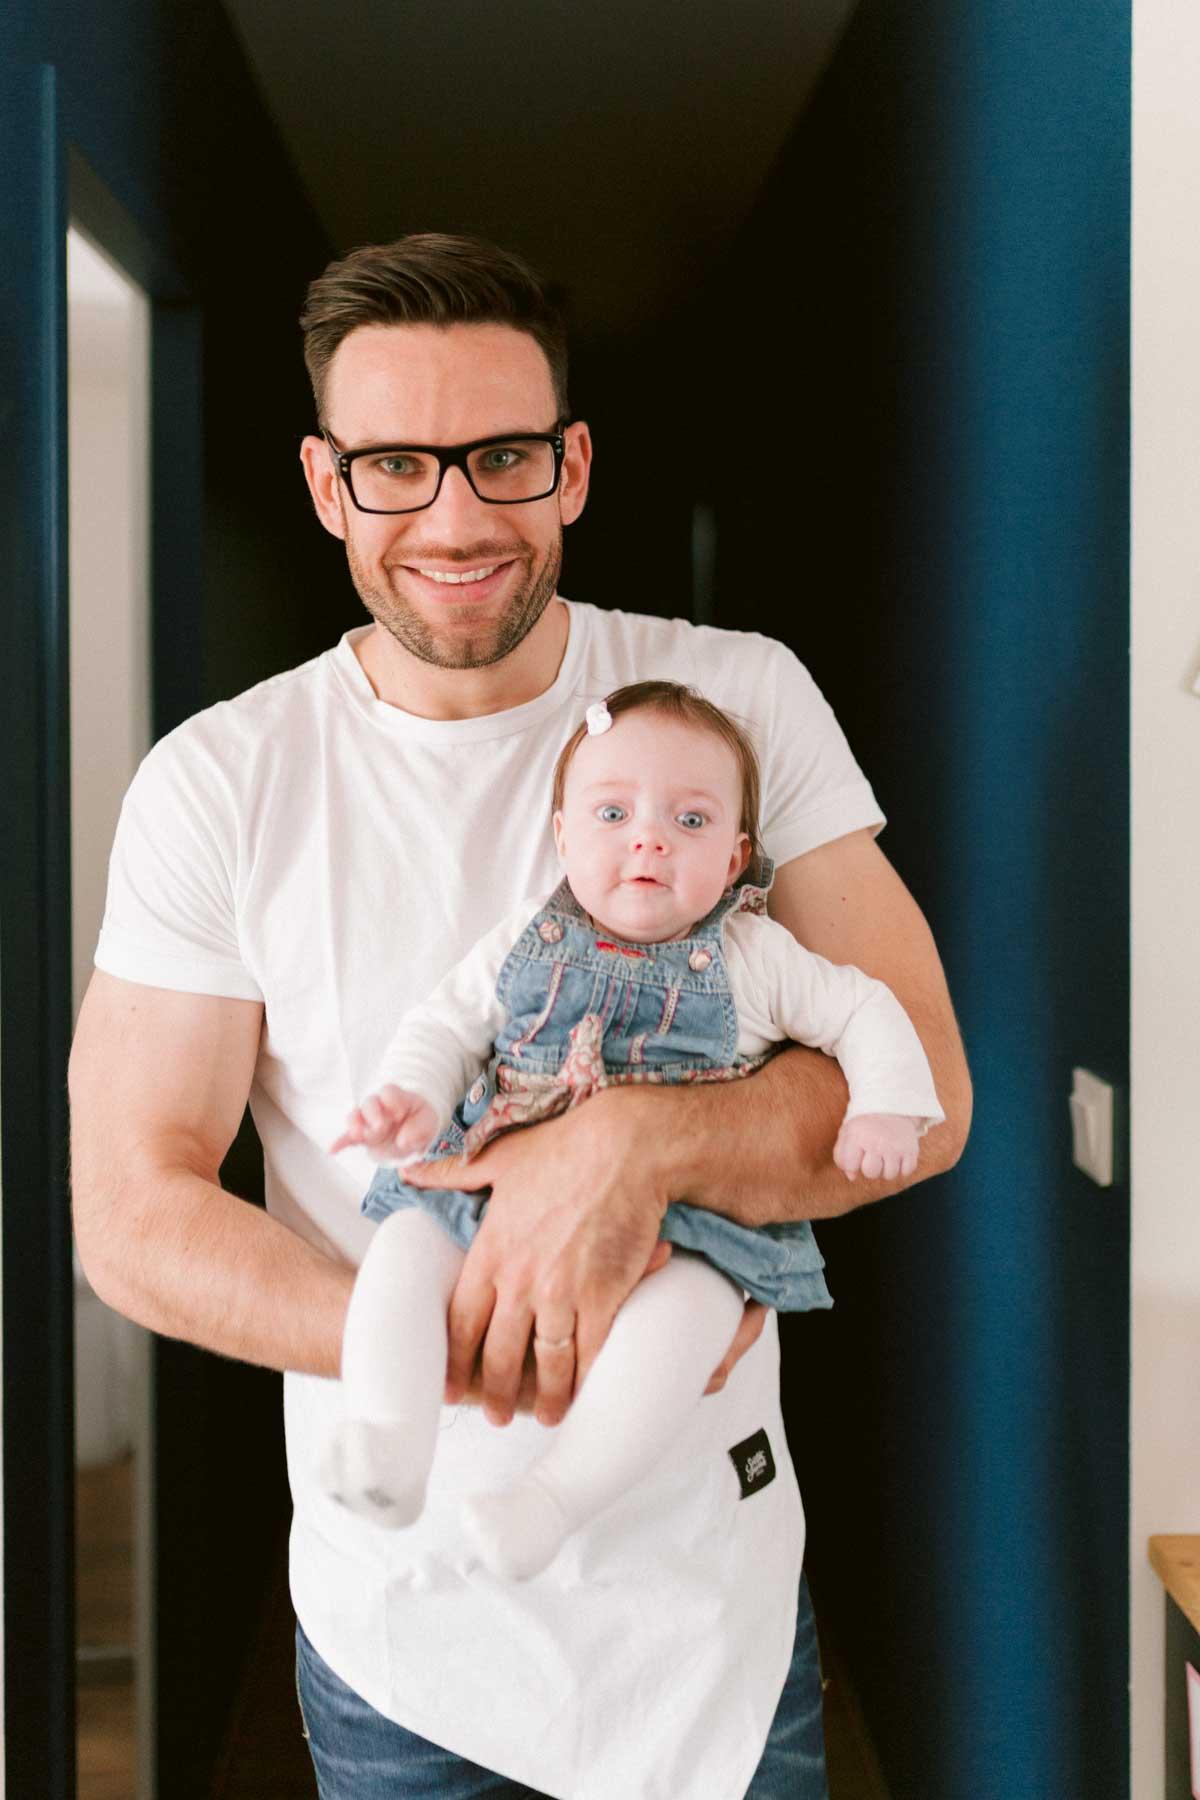 séance photo en famille, Portrait père et fille à la maison.